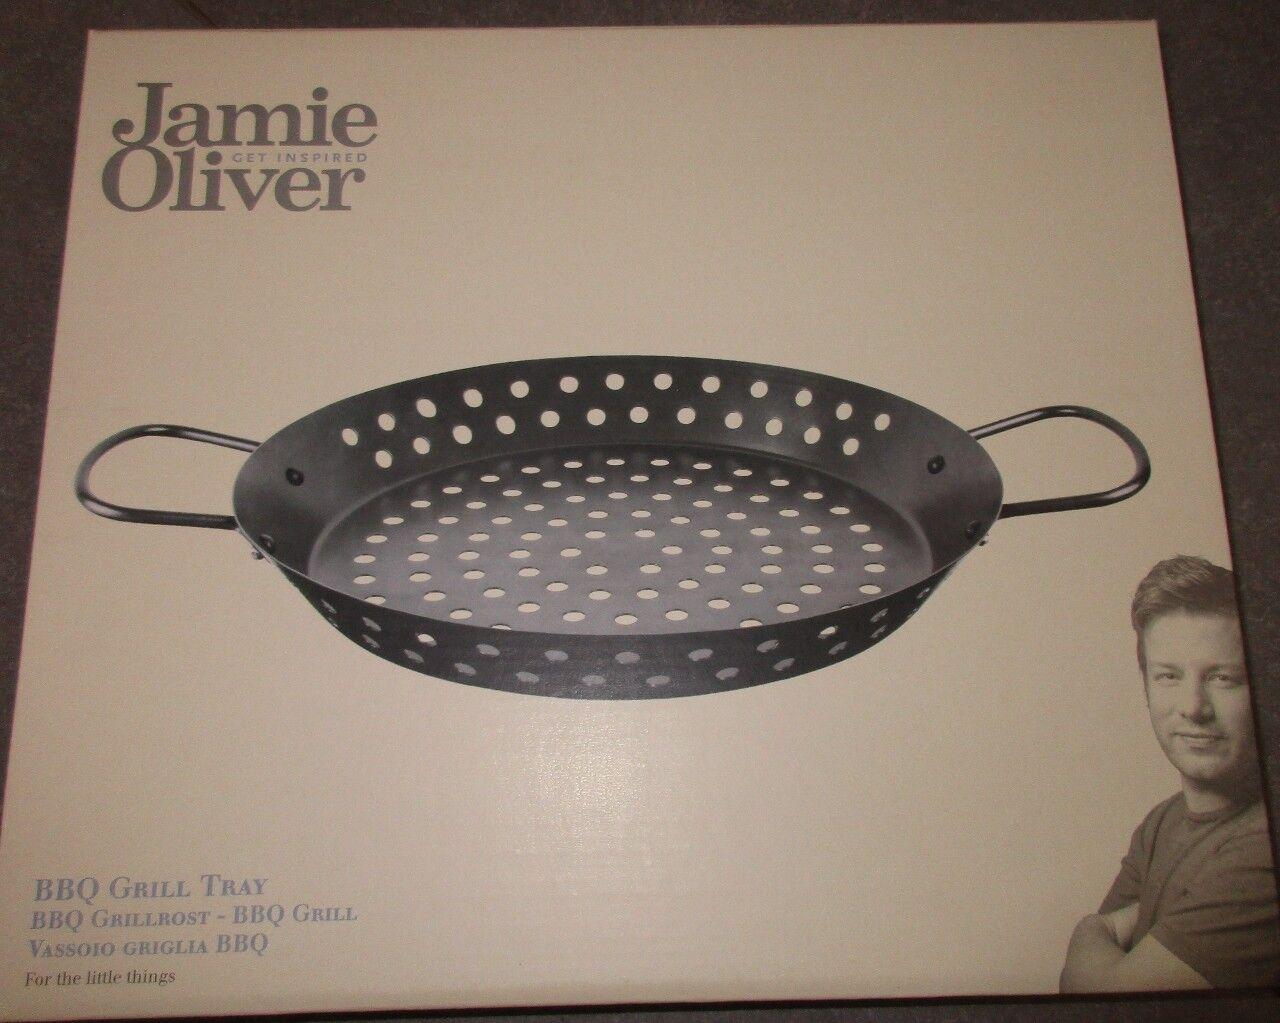 Drehspieß Für Gasgrill Jamie Oliver : Jamie oliver bbq grillrost lochpfanne grillkorb stahl ∅ cm ebay